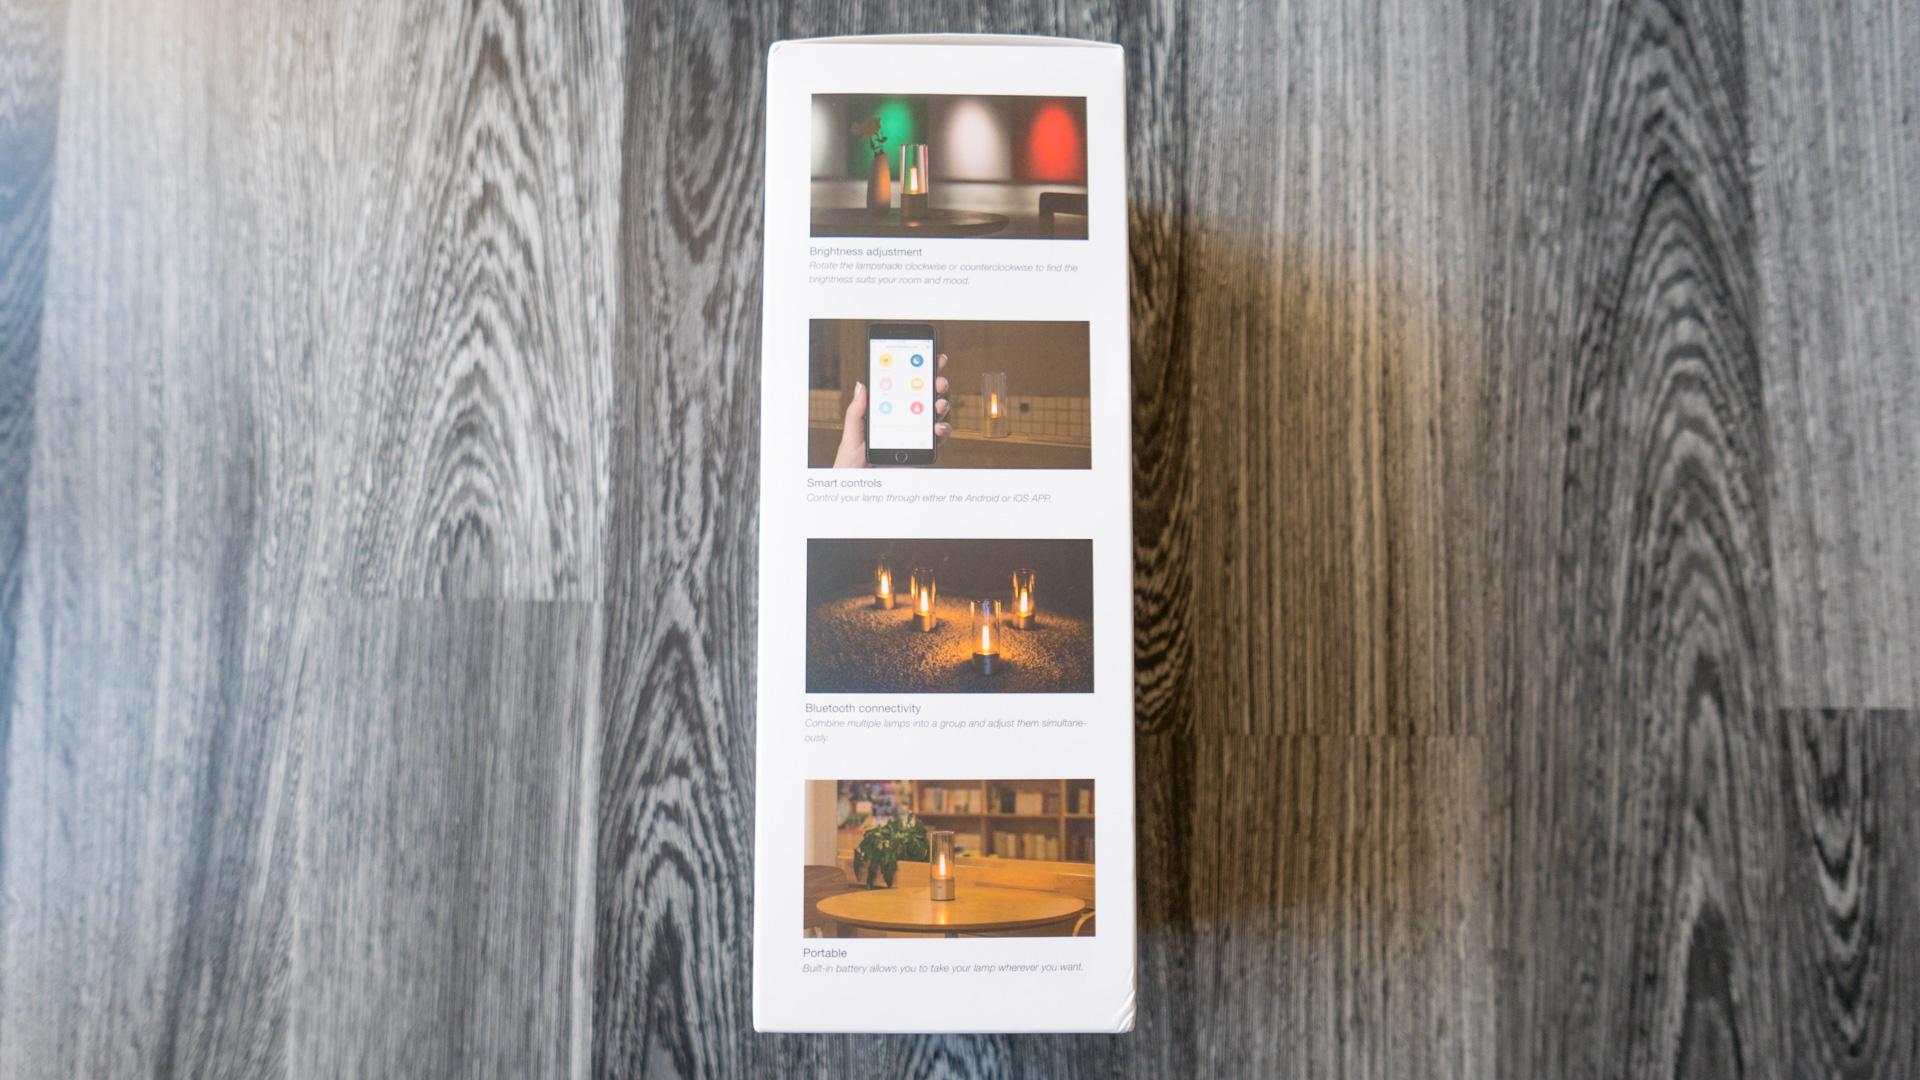 Yeelight Candela Kerzenlicht Detail 3